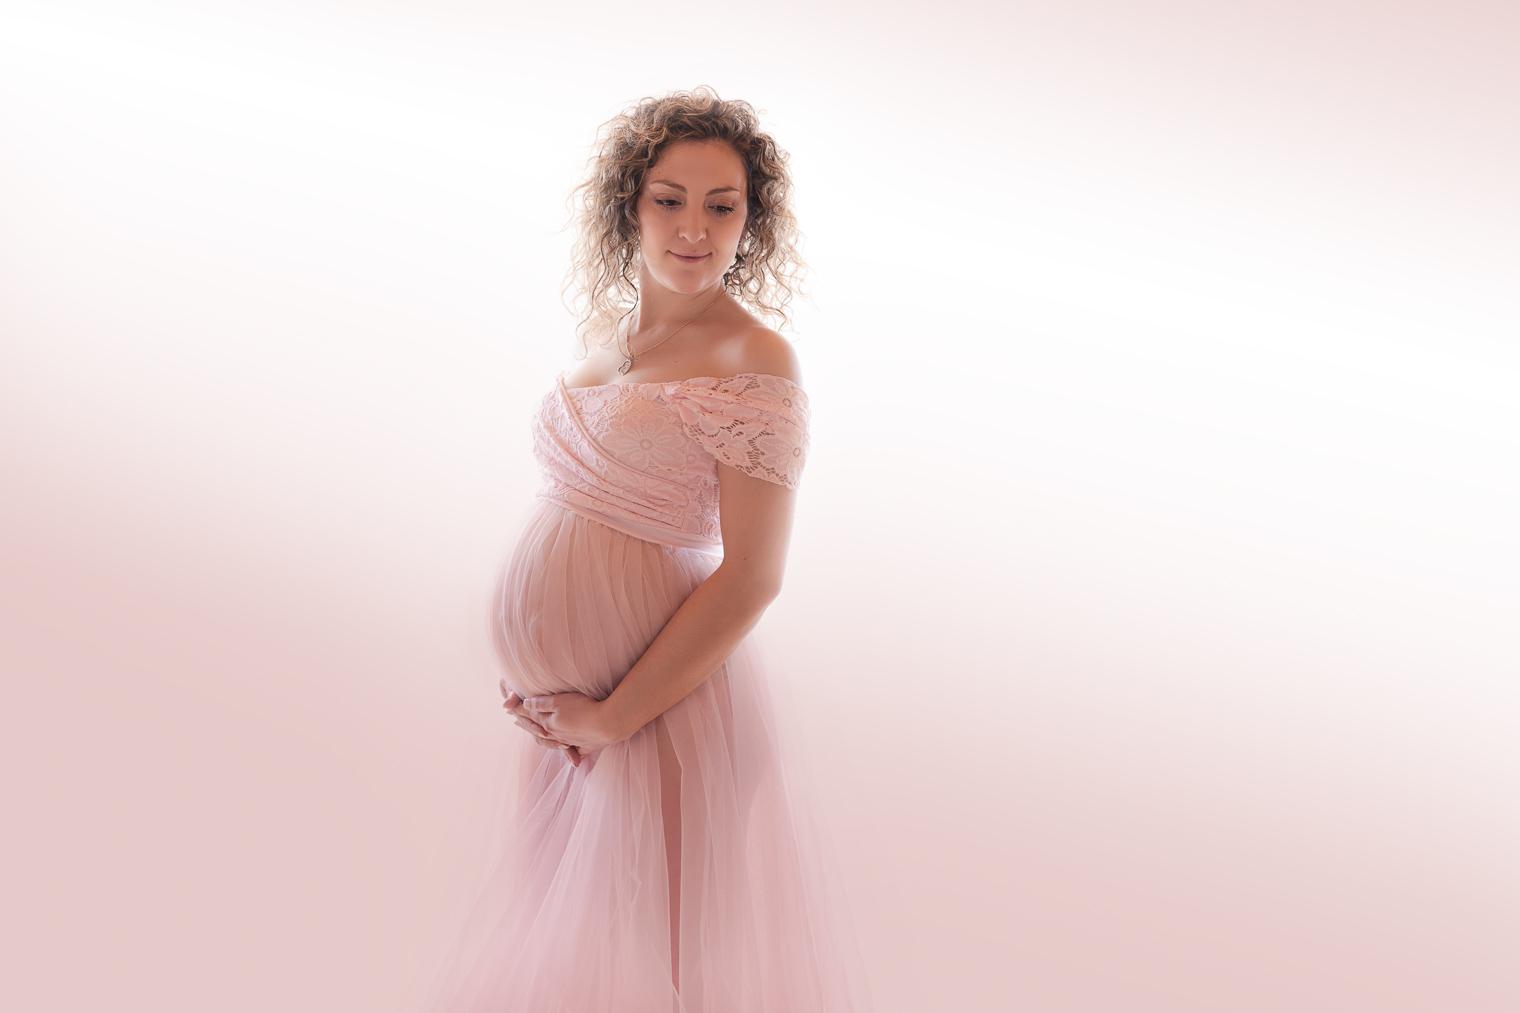 belinda lopez photo femme enceinte studio photographie famille grossesse nouveau-ne bebe enfant maternite photographe bourg-saint-maurice savoie belindalopez.fr-9